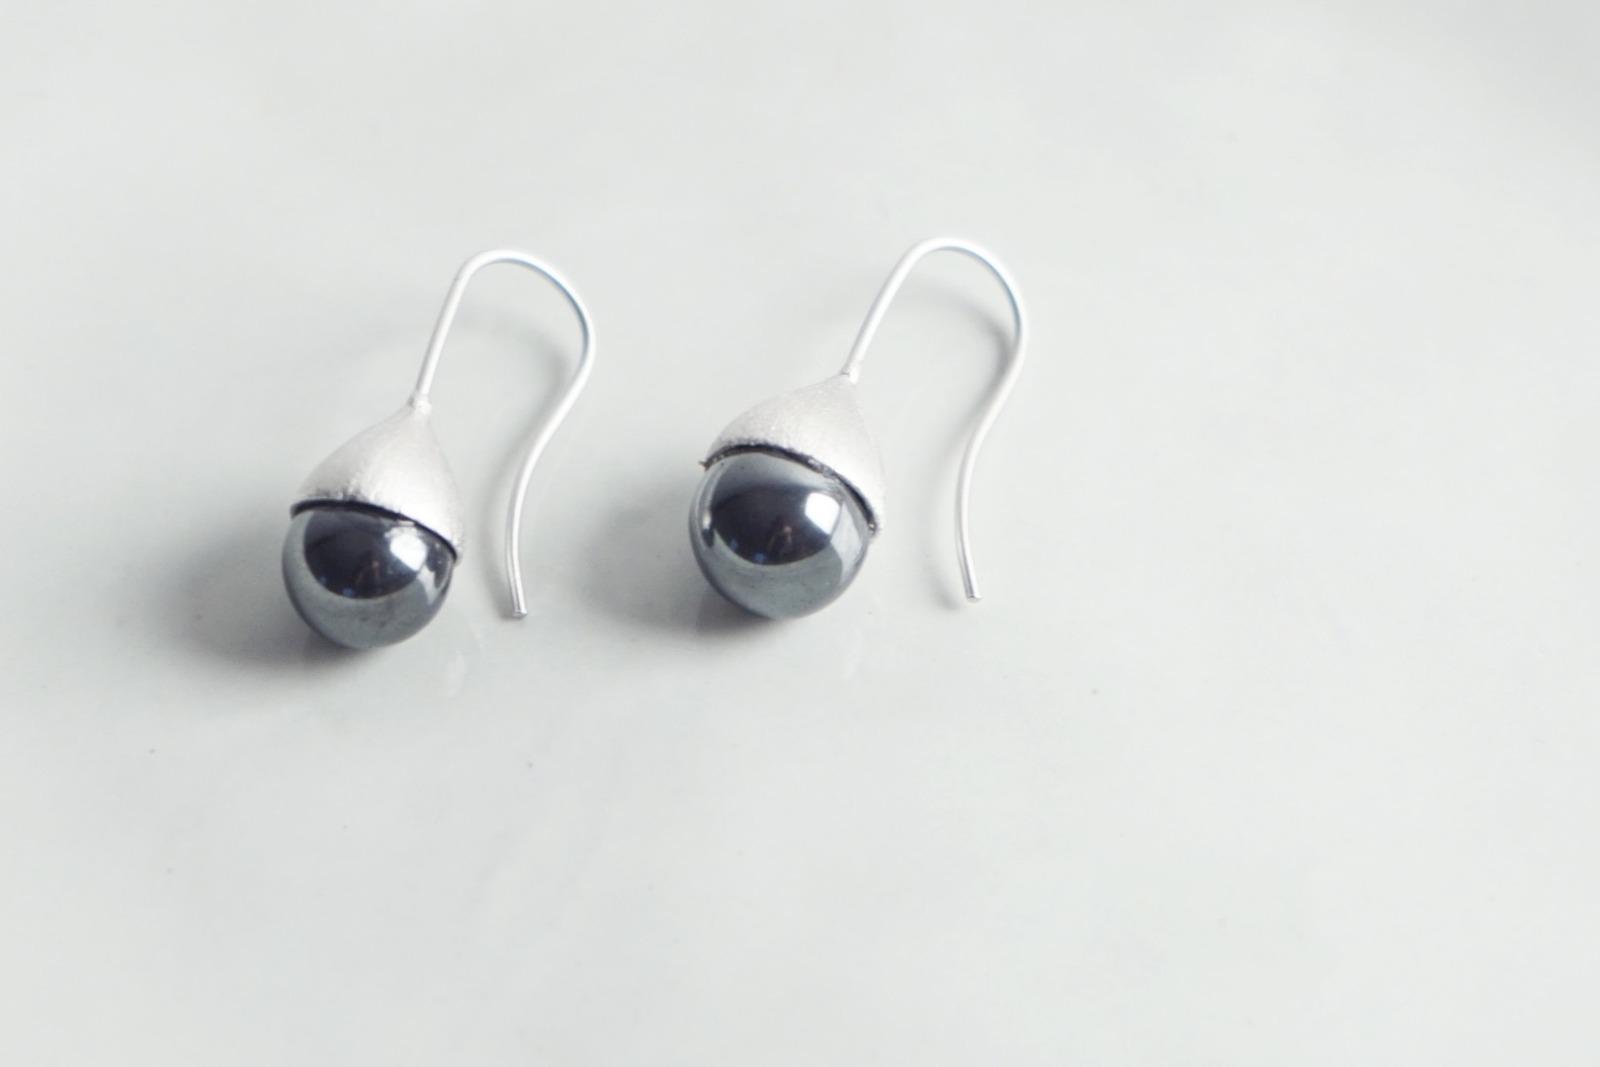 Ohrhänger Hütchen silber mit Perle Hämatit schwarz - 1